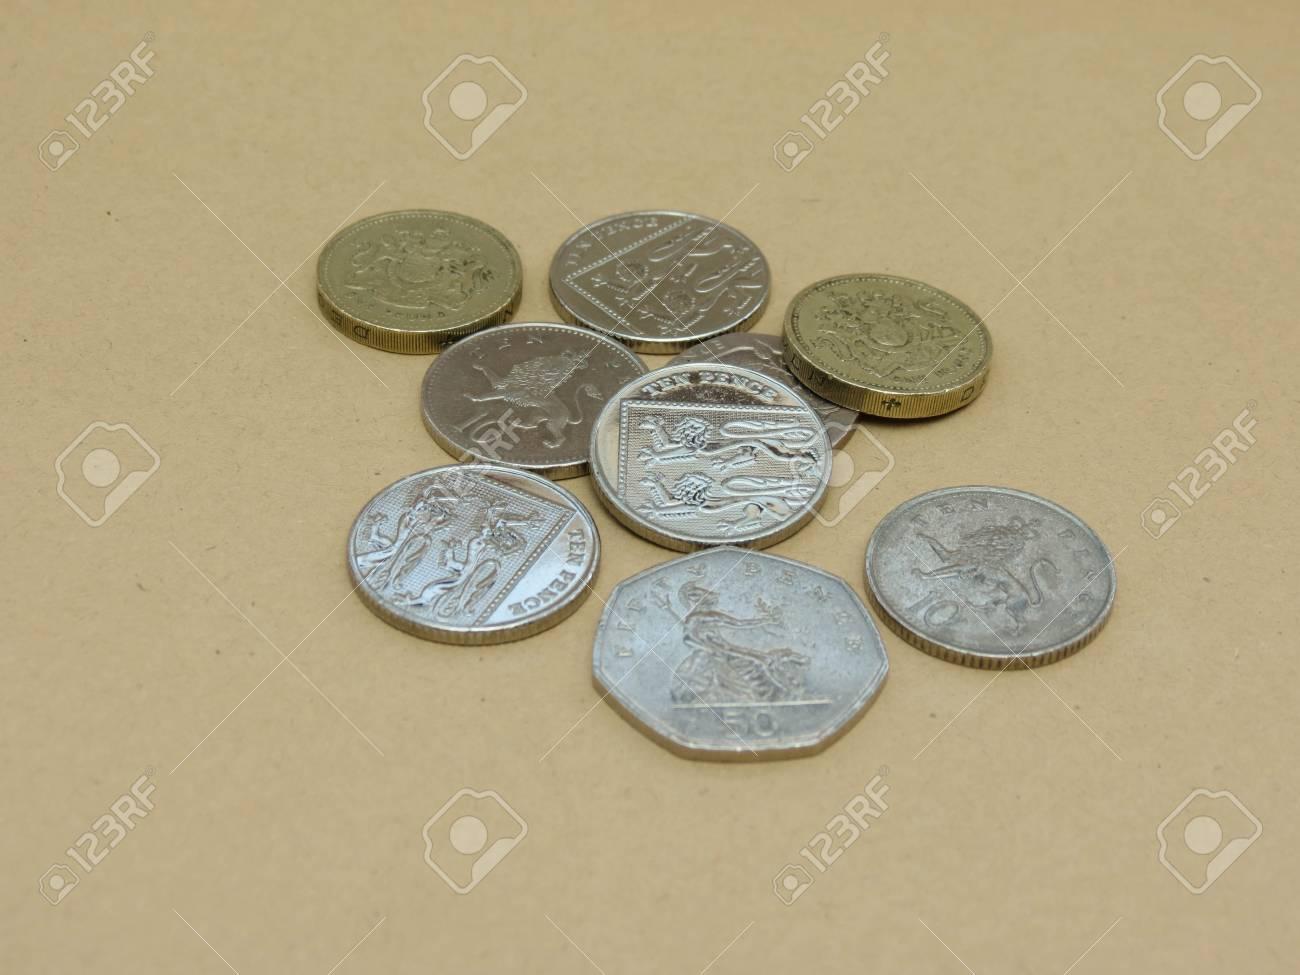 Britische Pfund Münzen Währung Des Vereinigten Königreichs